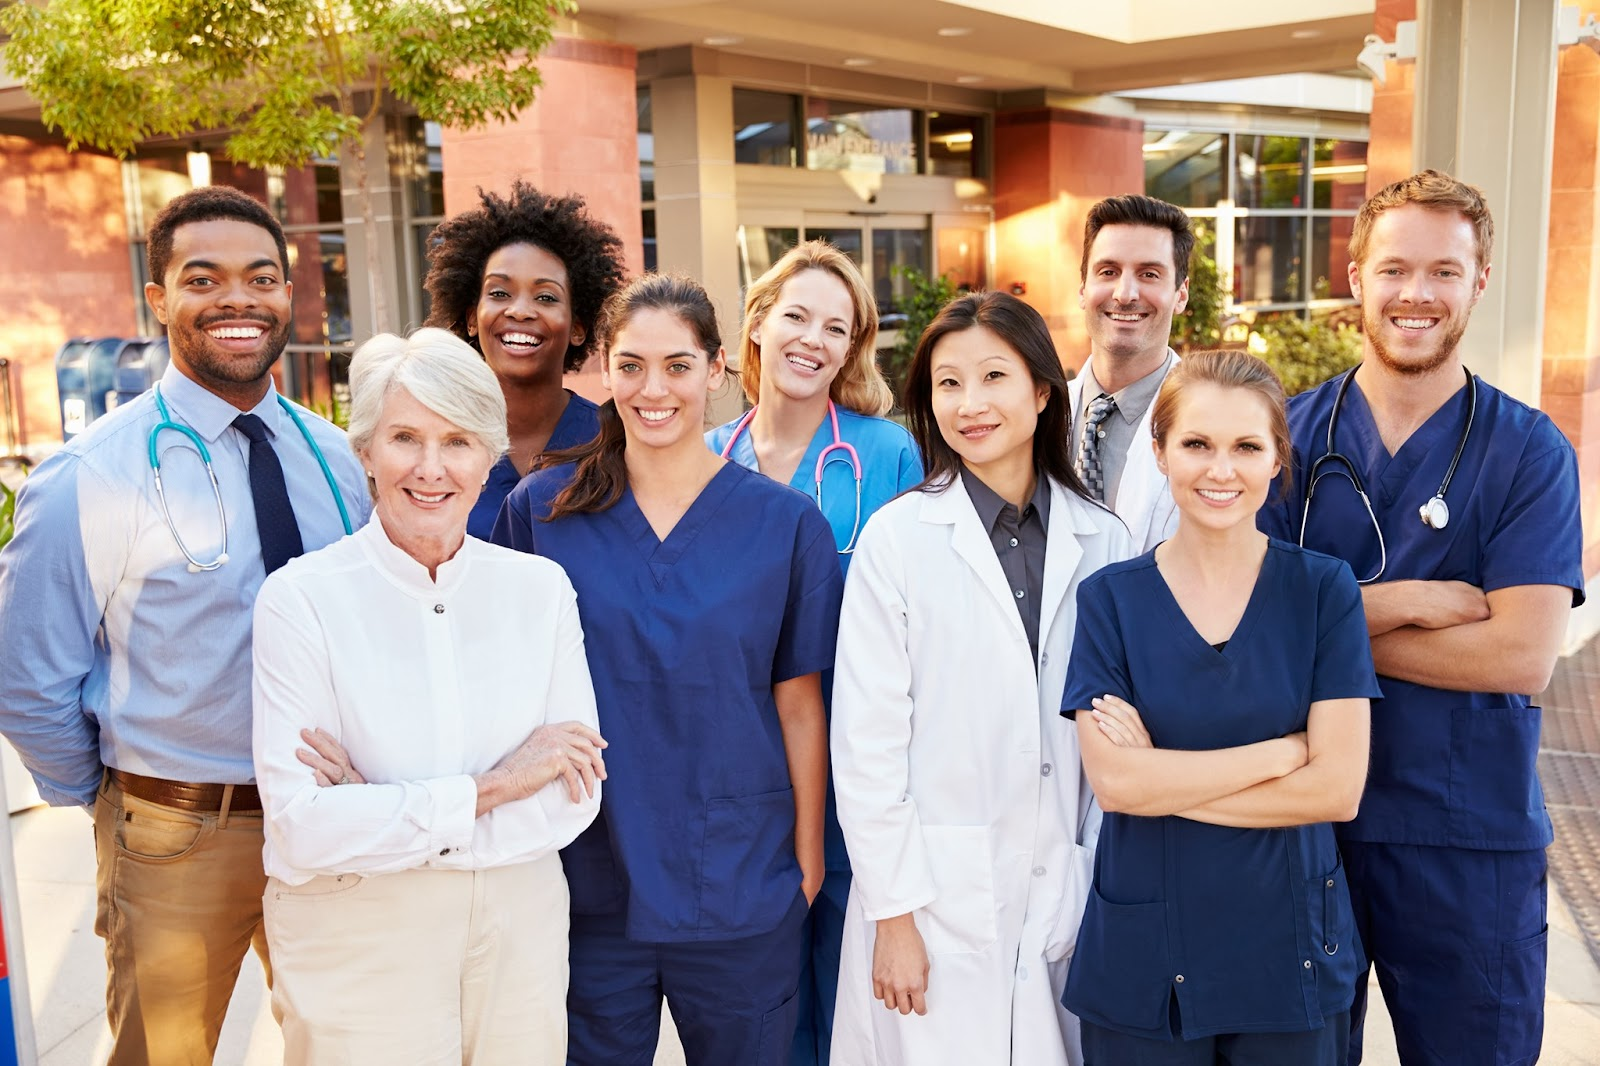 Học điều dưỡng bạn có cơ hội làm việc và định cư ở Đức với mức lương cao